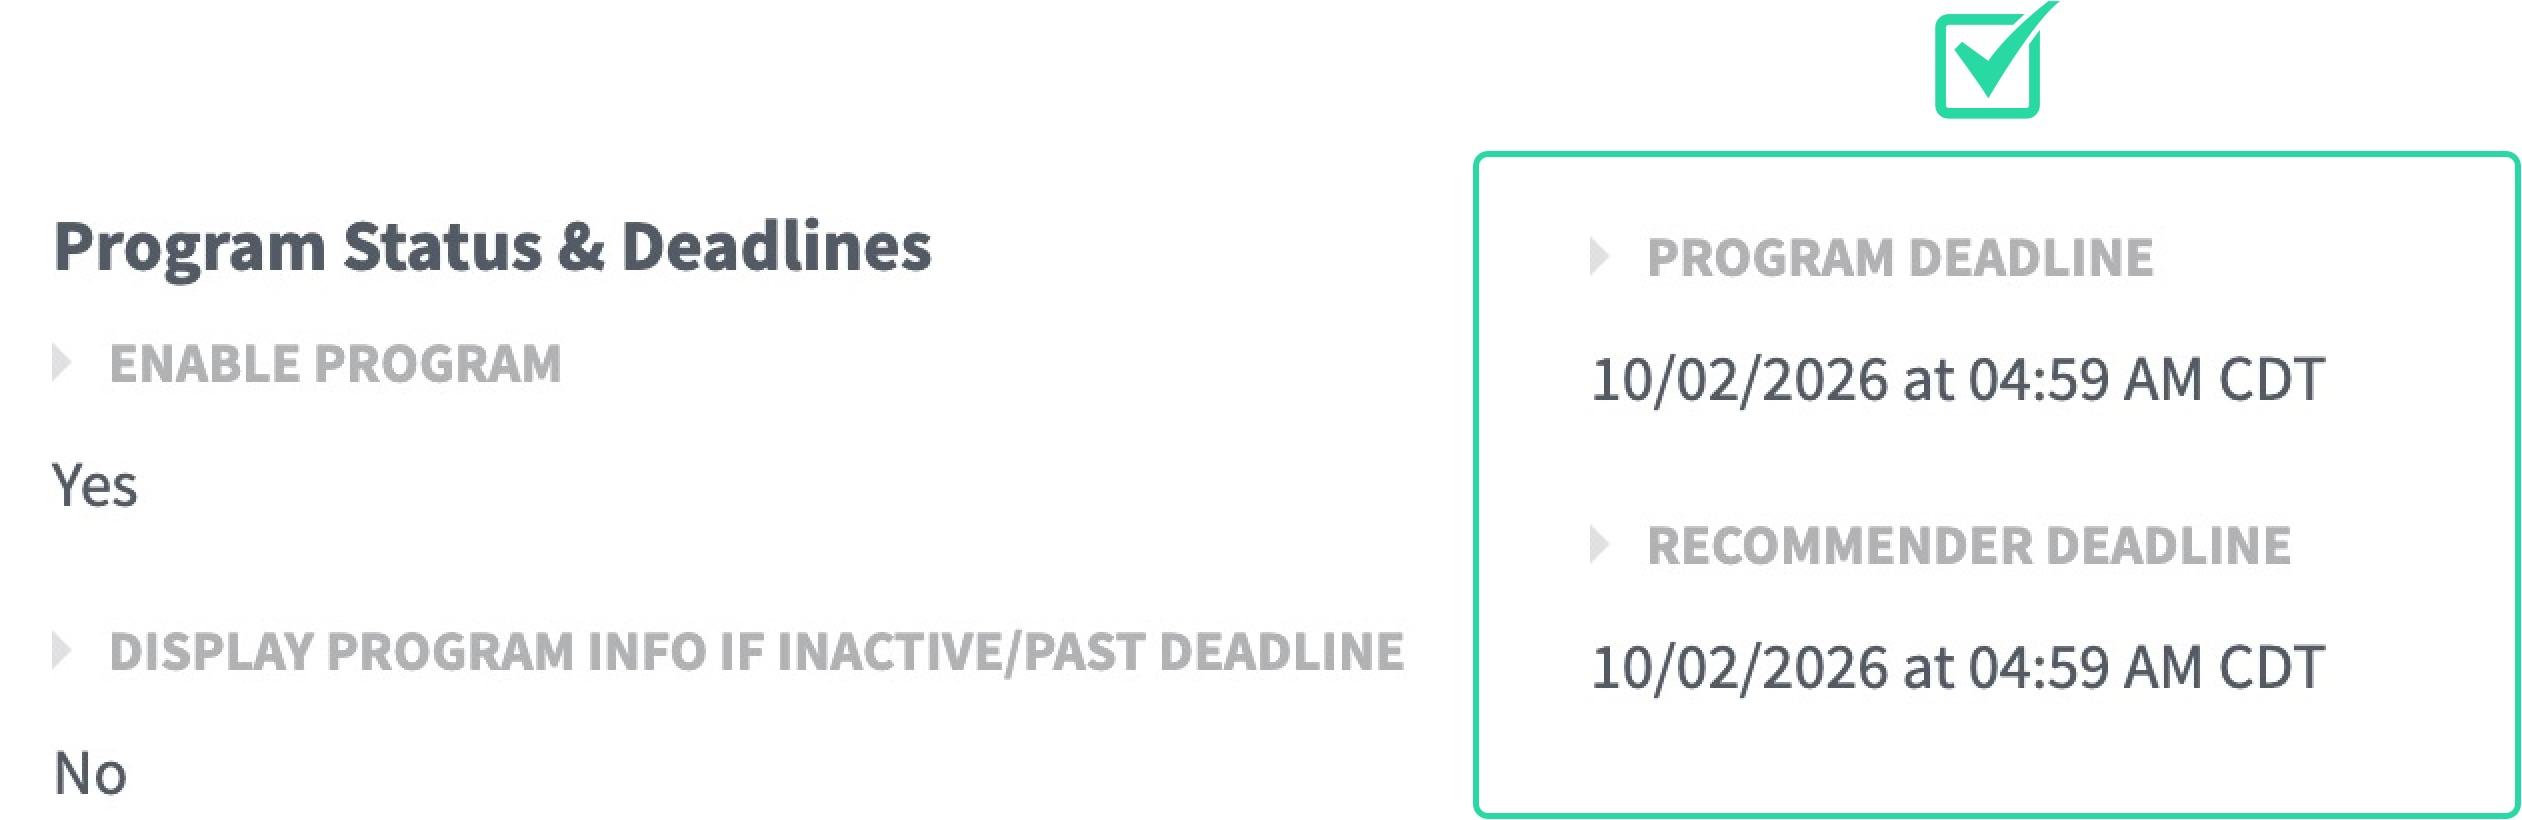 program-deadline